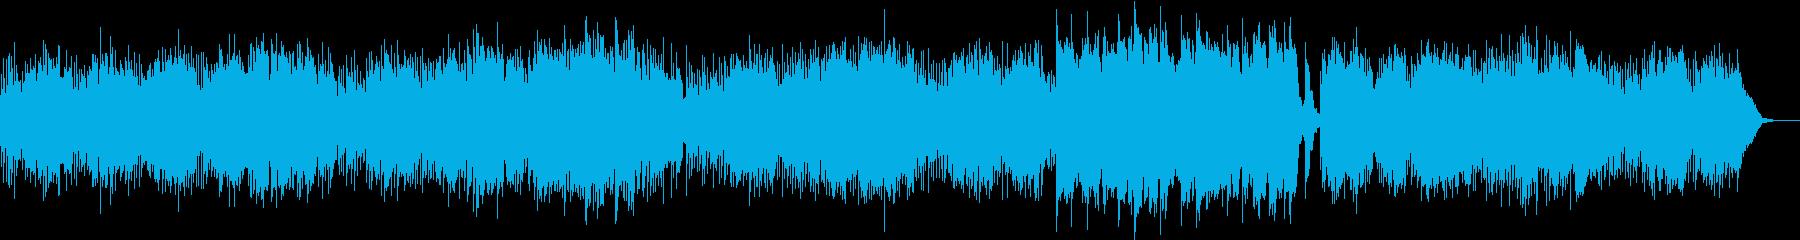 「エリーゼのために」をオルゴールの音色での再生済みの波形